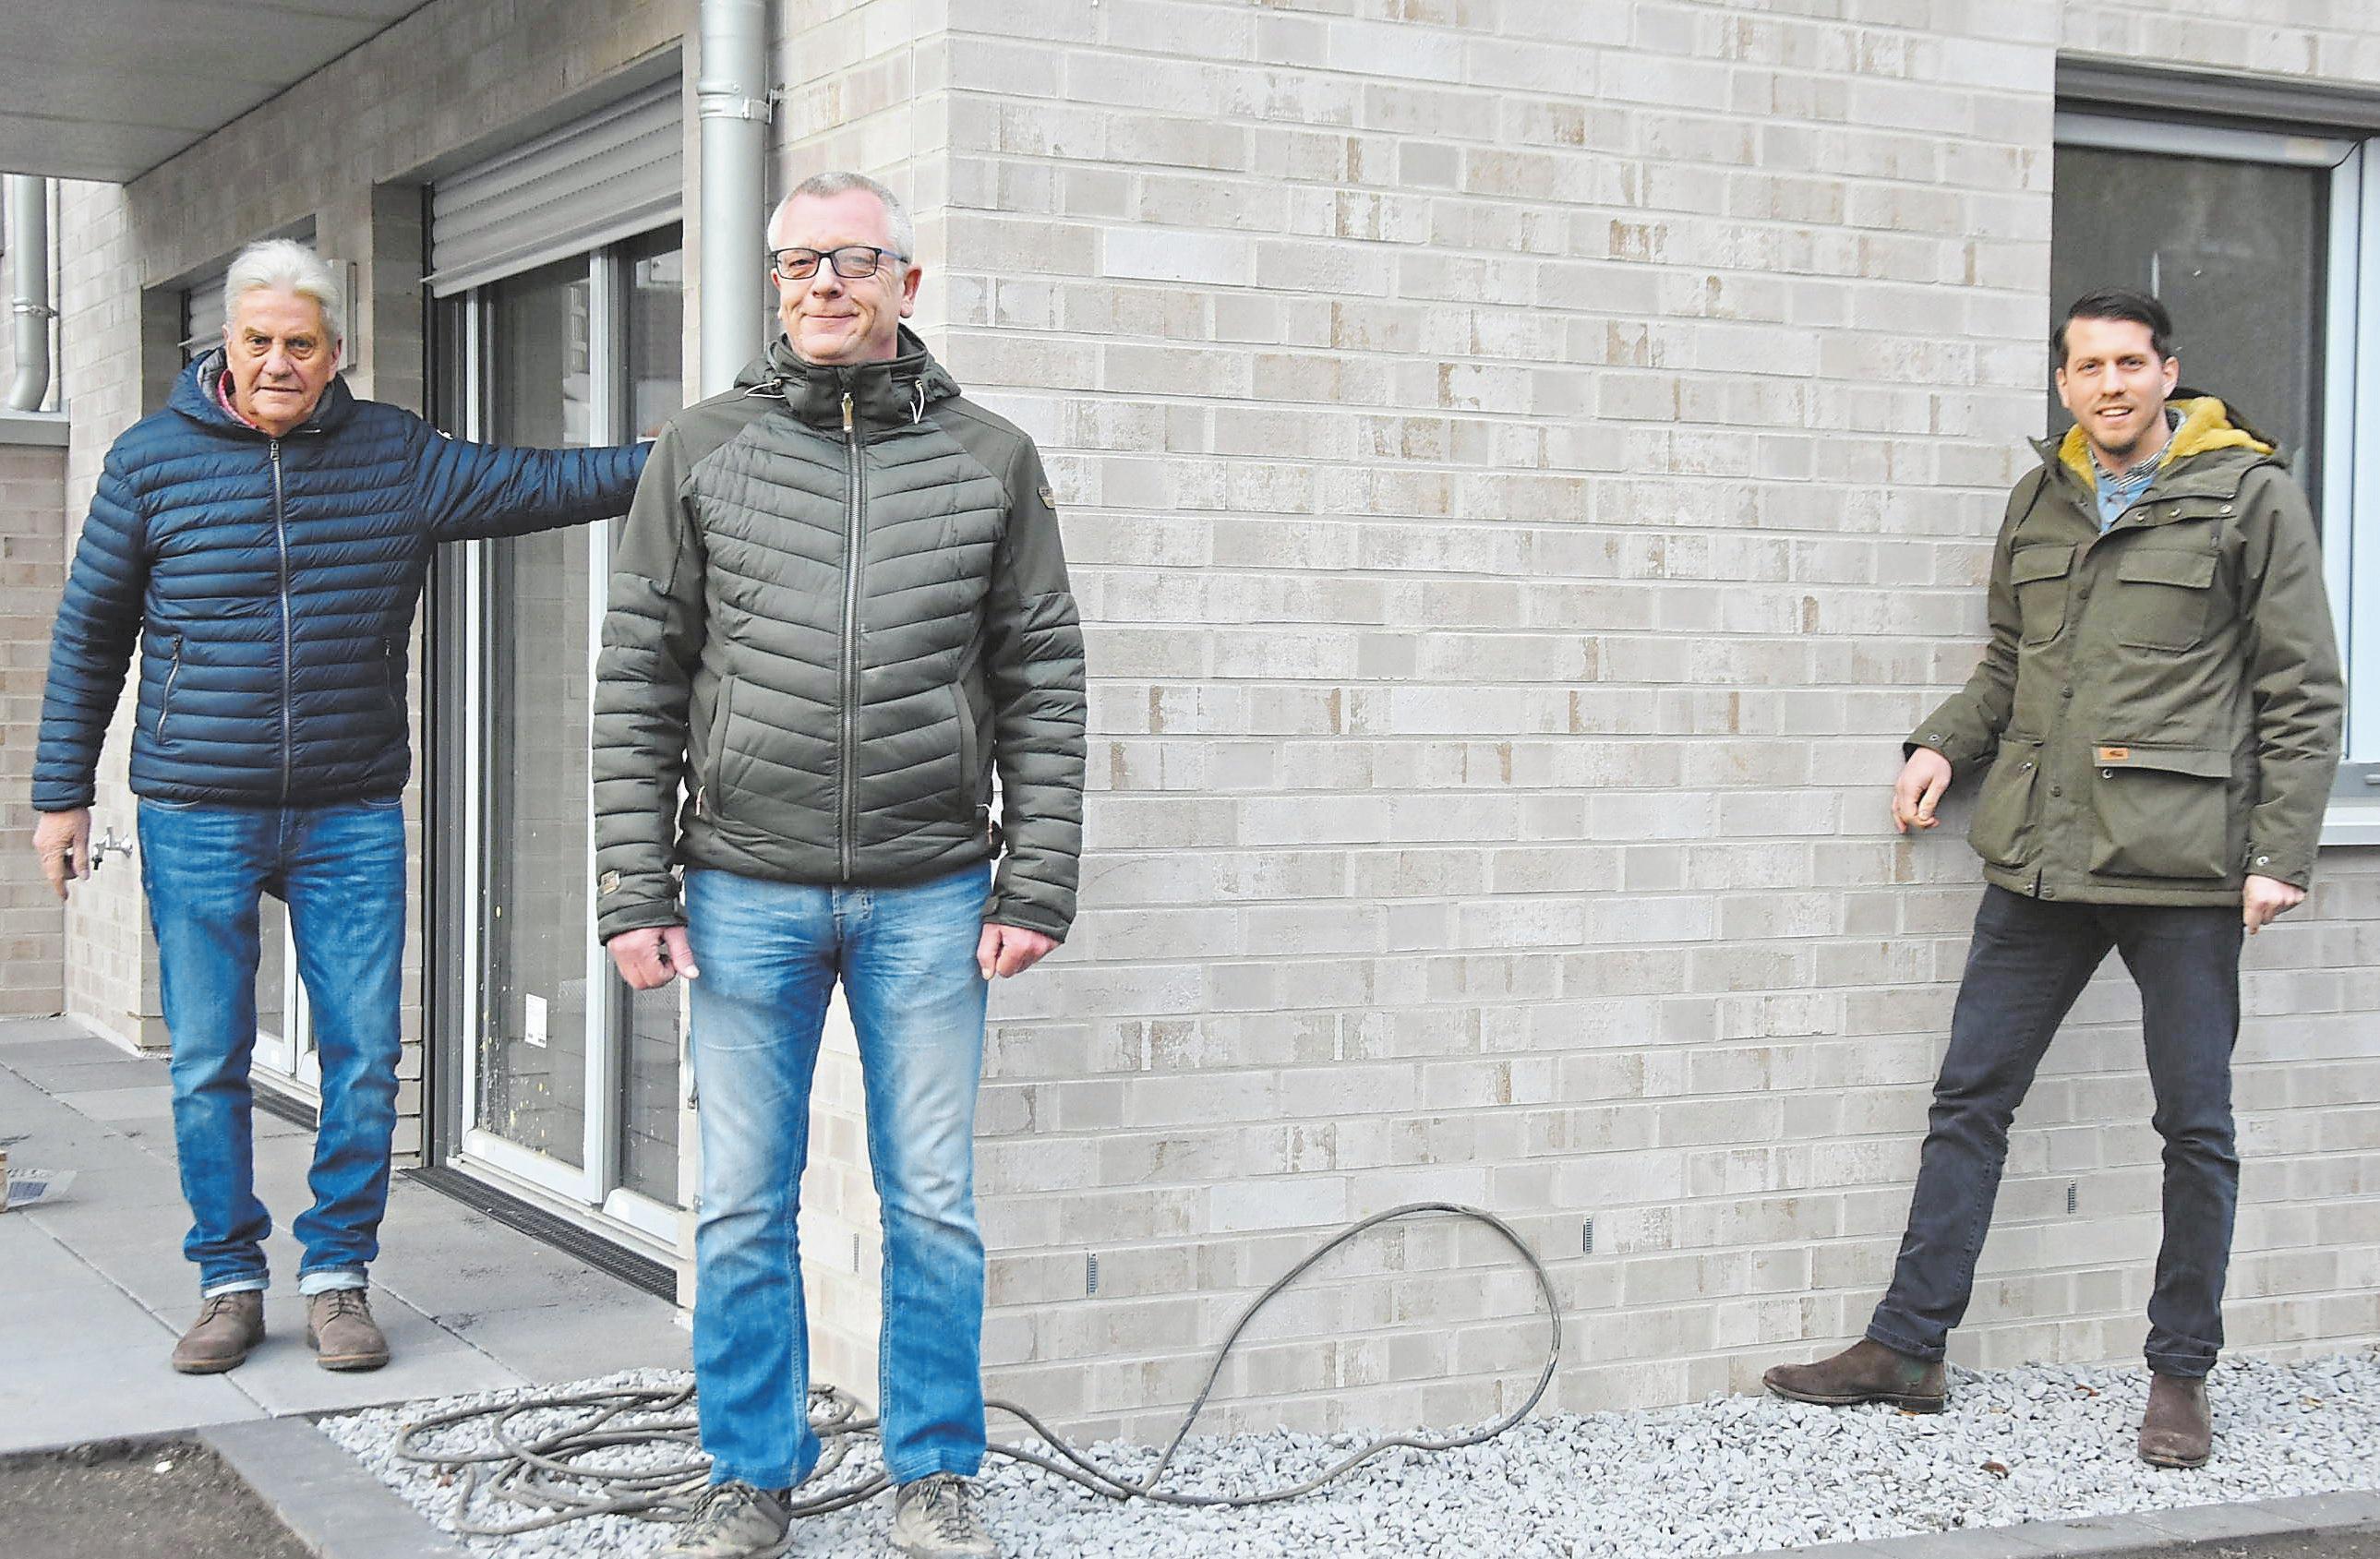 Gerd Sasse (GN Immobilien), Architekt Christoph Wiesmann und Thomas Sasse (GN Immobilien, v. l.) sind mit der Bauausführung für die beiden Mehrfamilienhäuser sehrzufrieden. Foto: Matthias Lehmkuhl